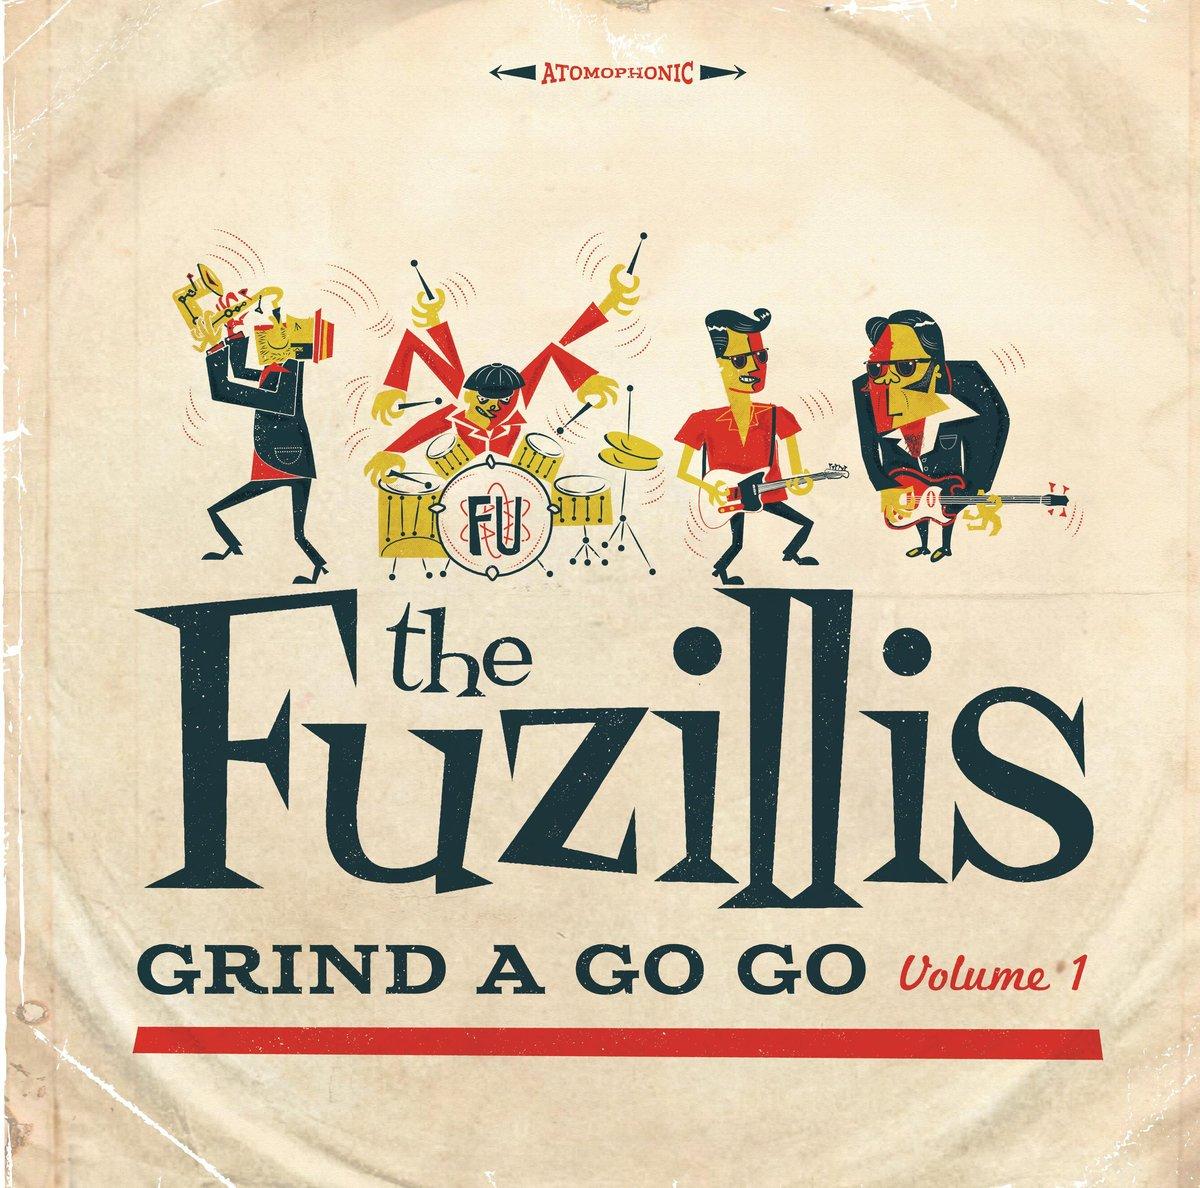 Fuzillis - Grind A Go Go Vol 1 (United Kingdom - Import)